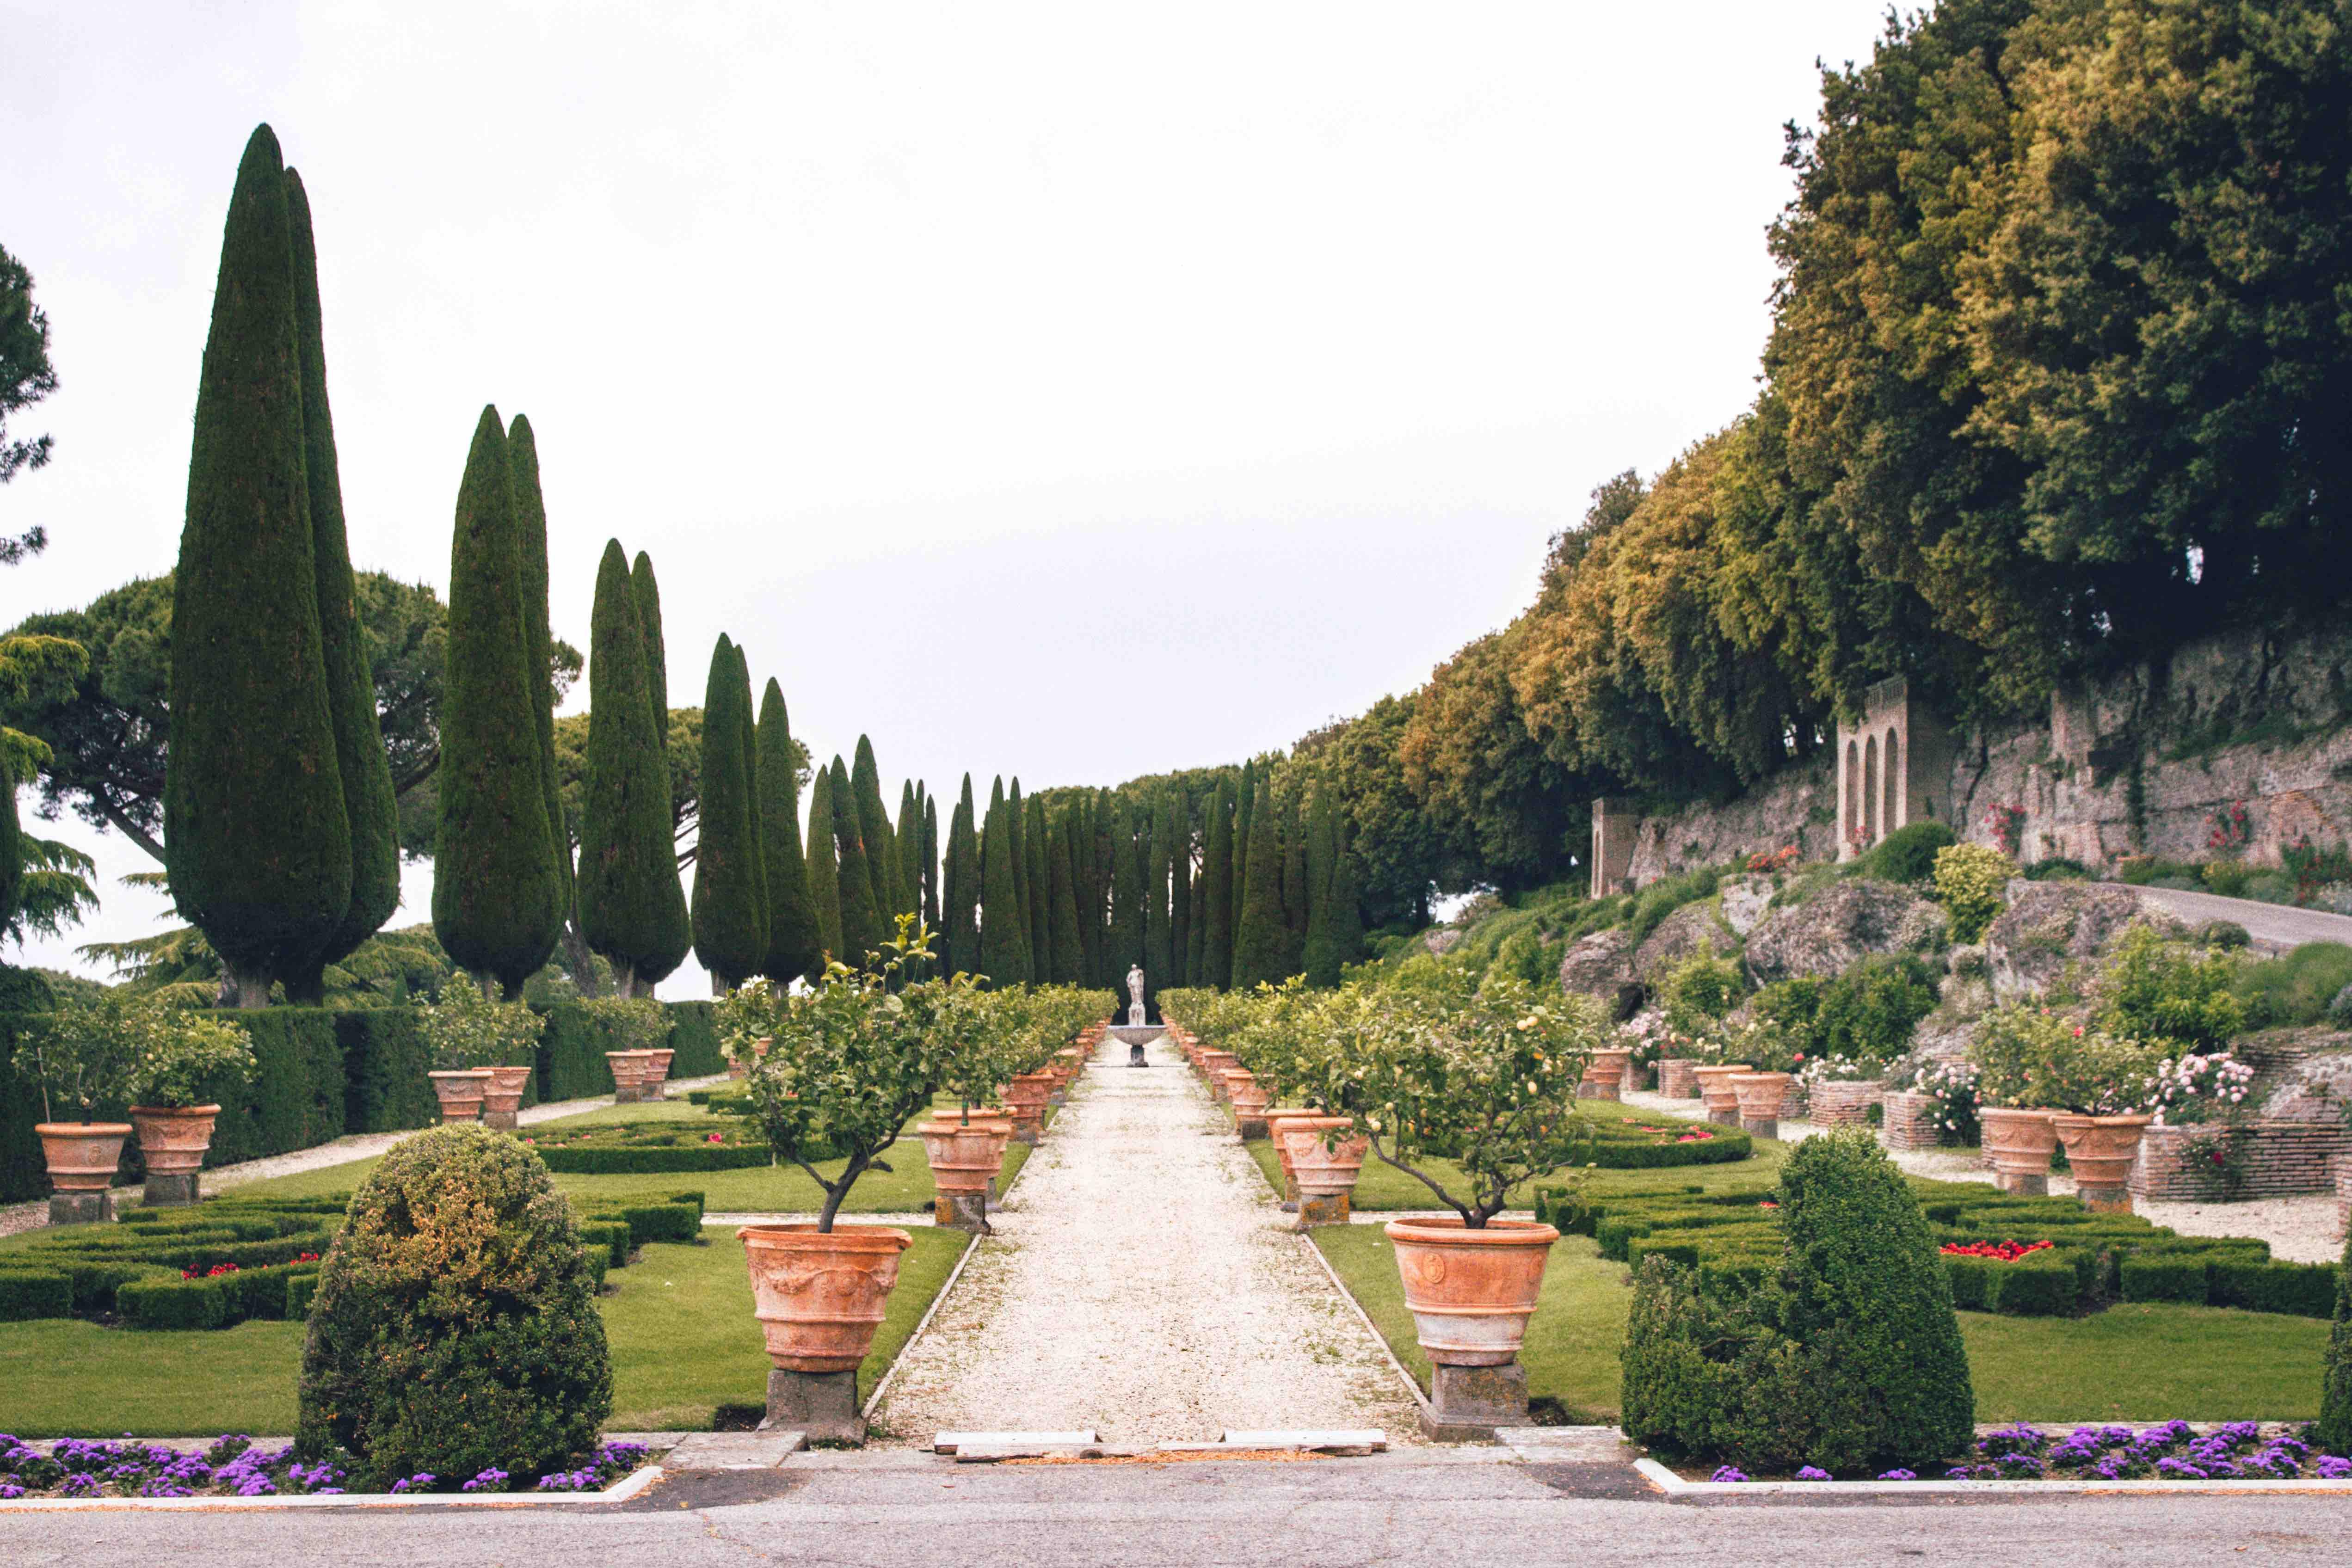 Cosa vedere ai Castelli Romani: giardino all'italiana Villa Barberini